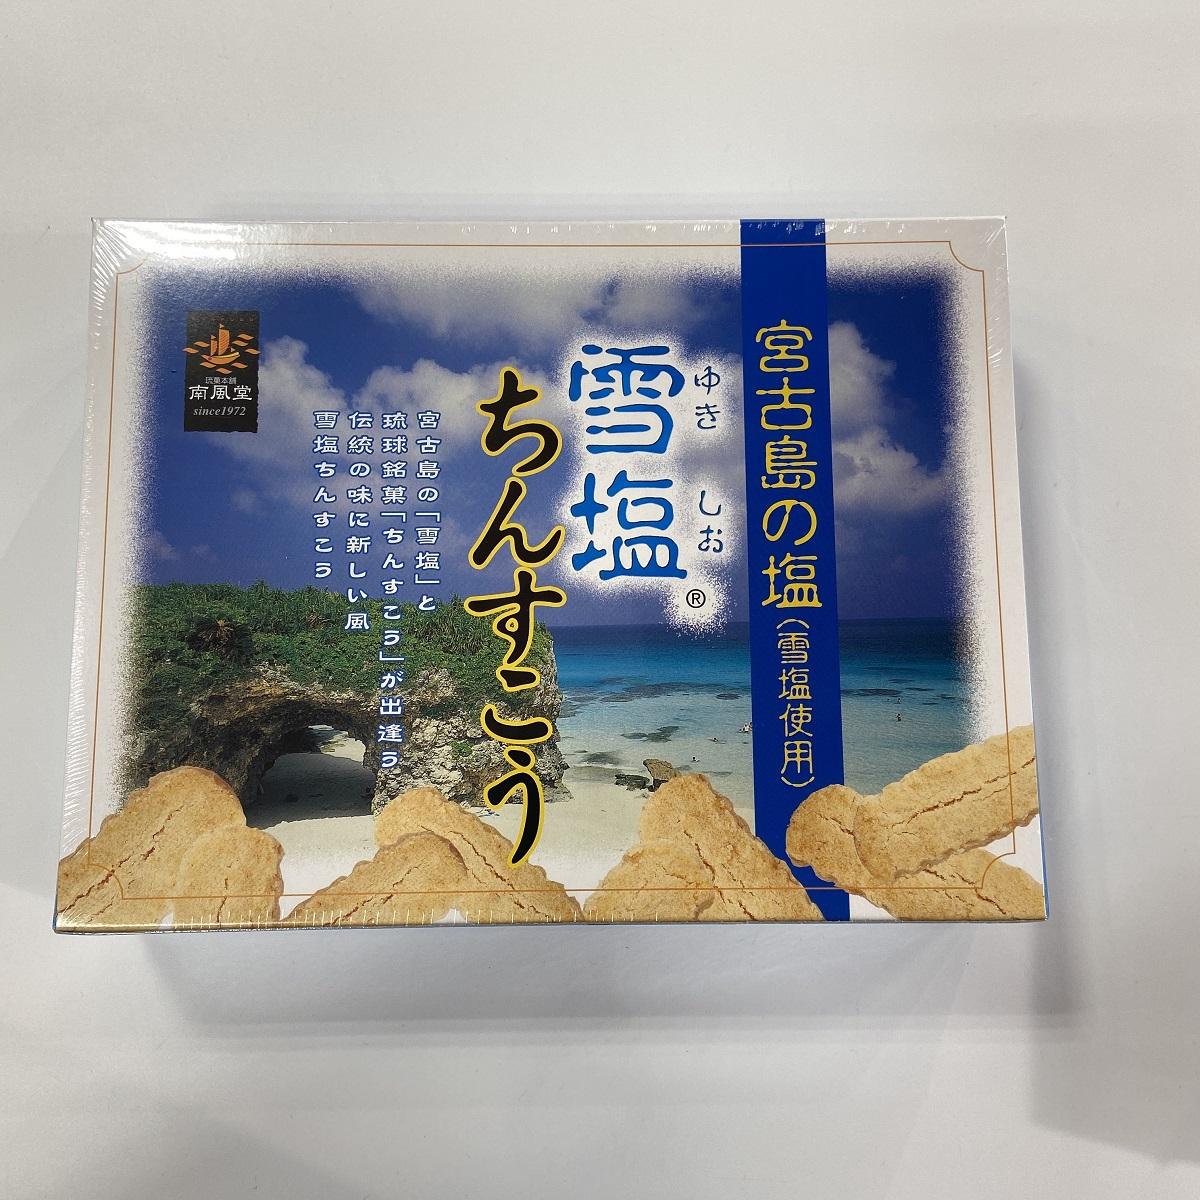 メーカー:沖縄南風堂 発売日: 沖縄南風堂 売れ筋 48個 超歓迎された 大 雪塩ちんすこう